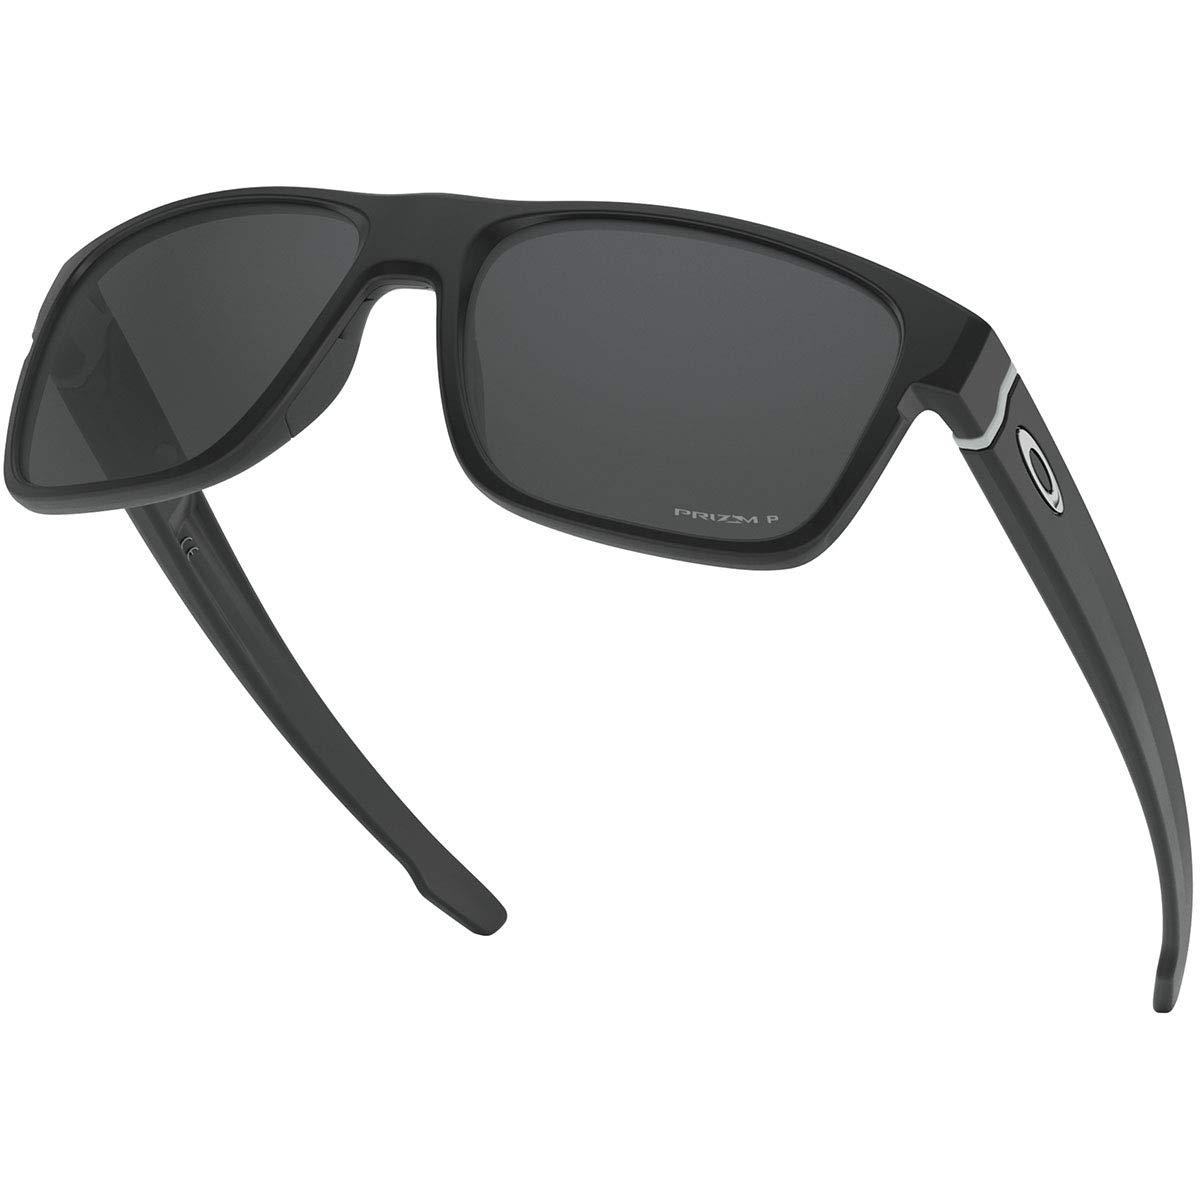 OAKLEY Crossrange Gafas de sol, Negro, 57 para Hombre: Amazon.es ...